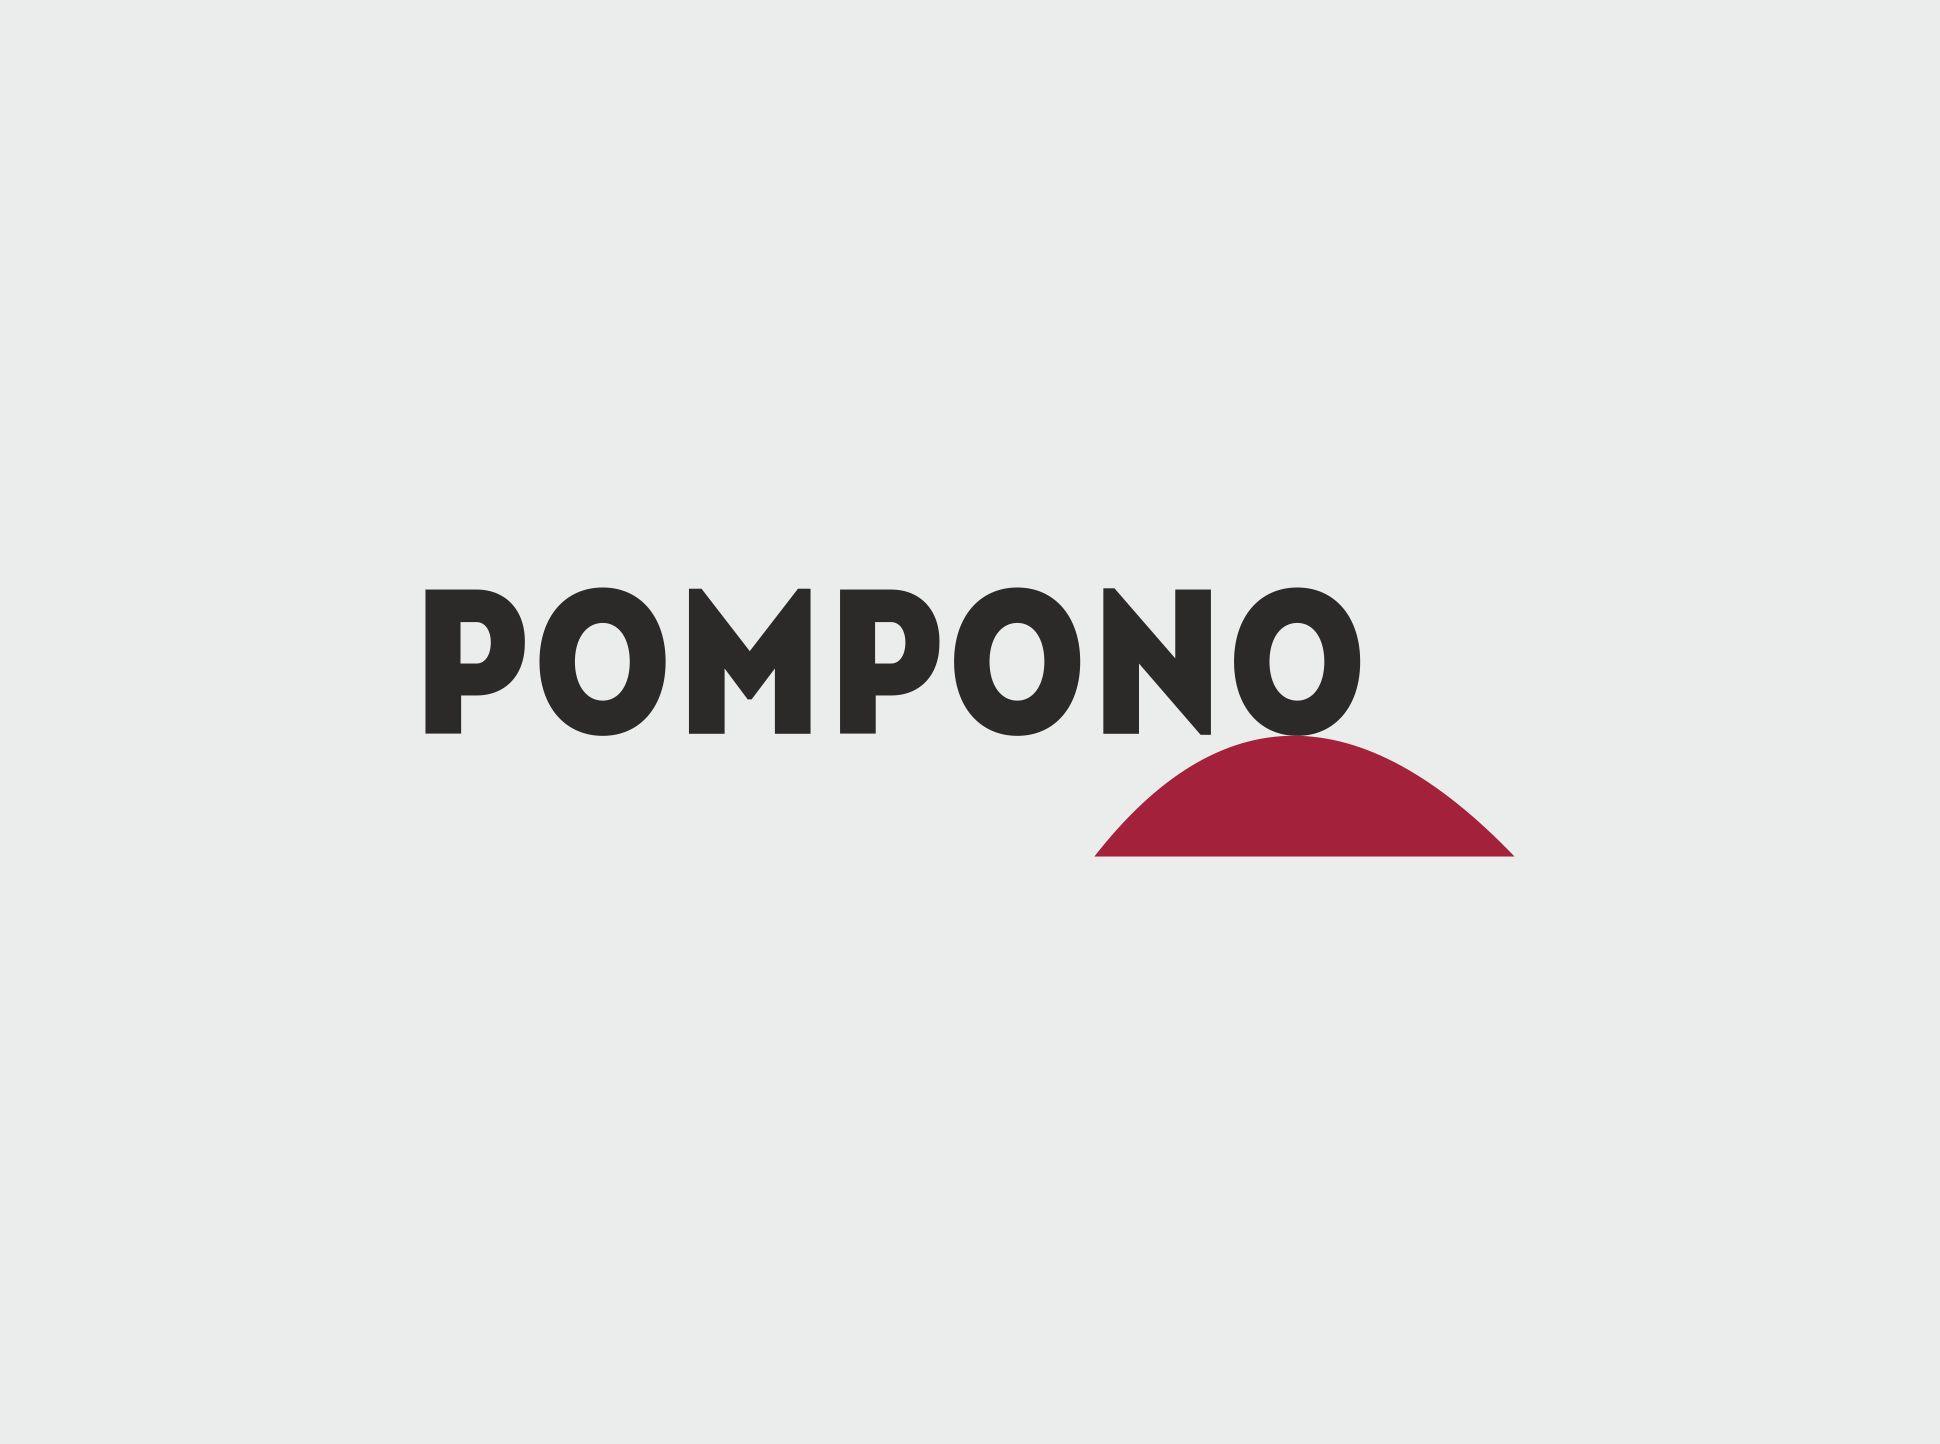 Логотип для шапок Pompono - дизайнер IGOR-GOR